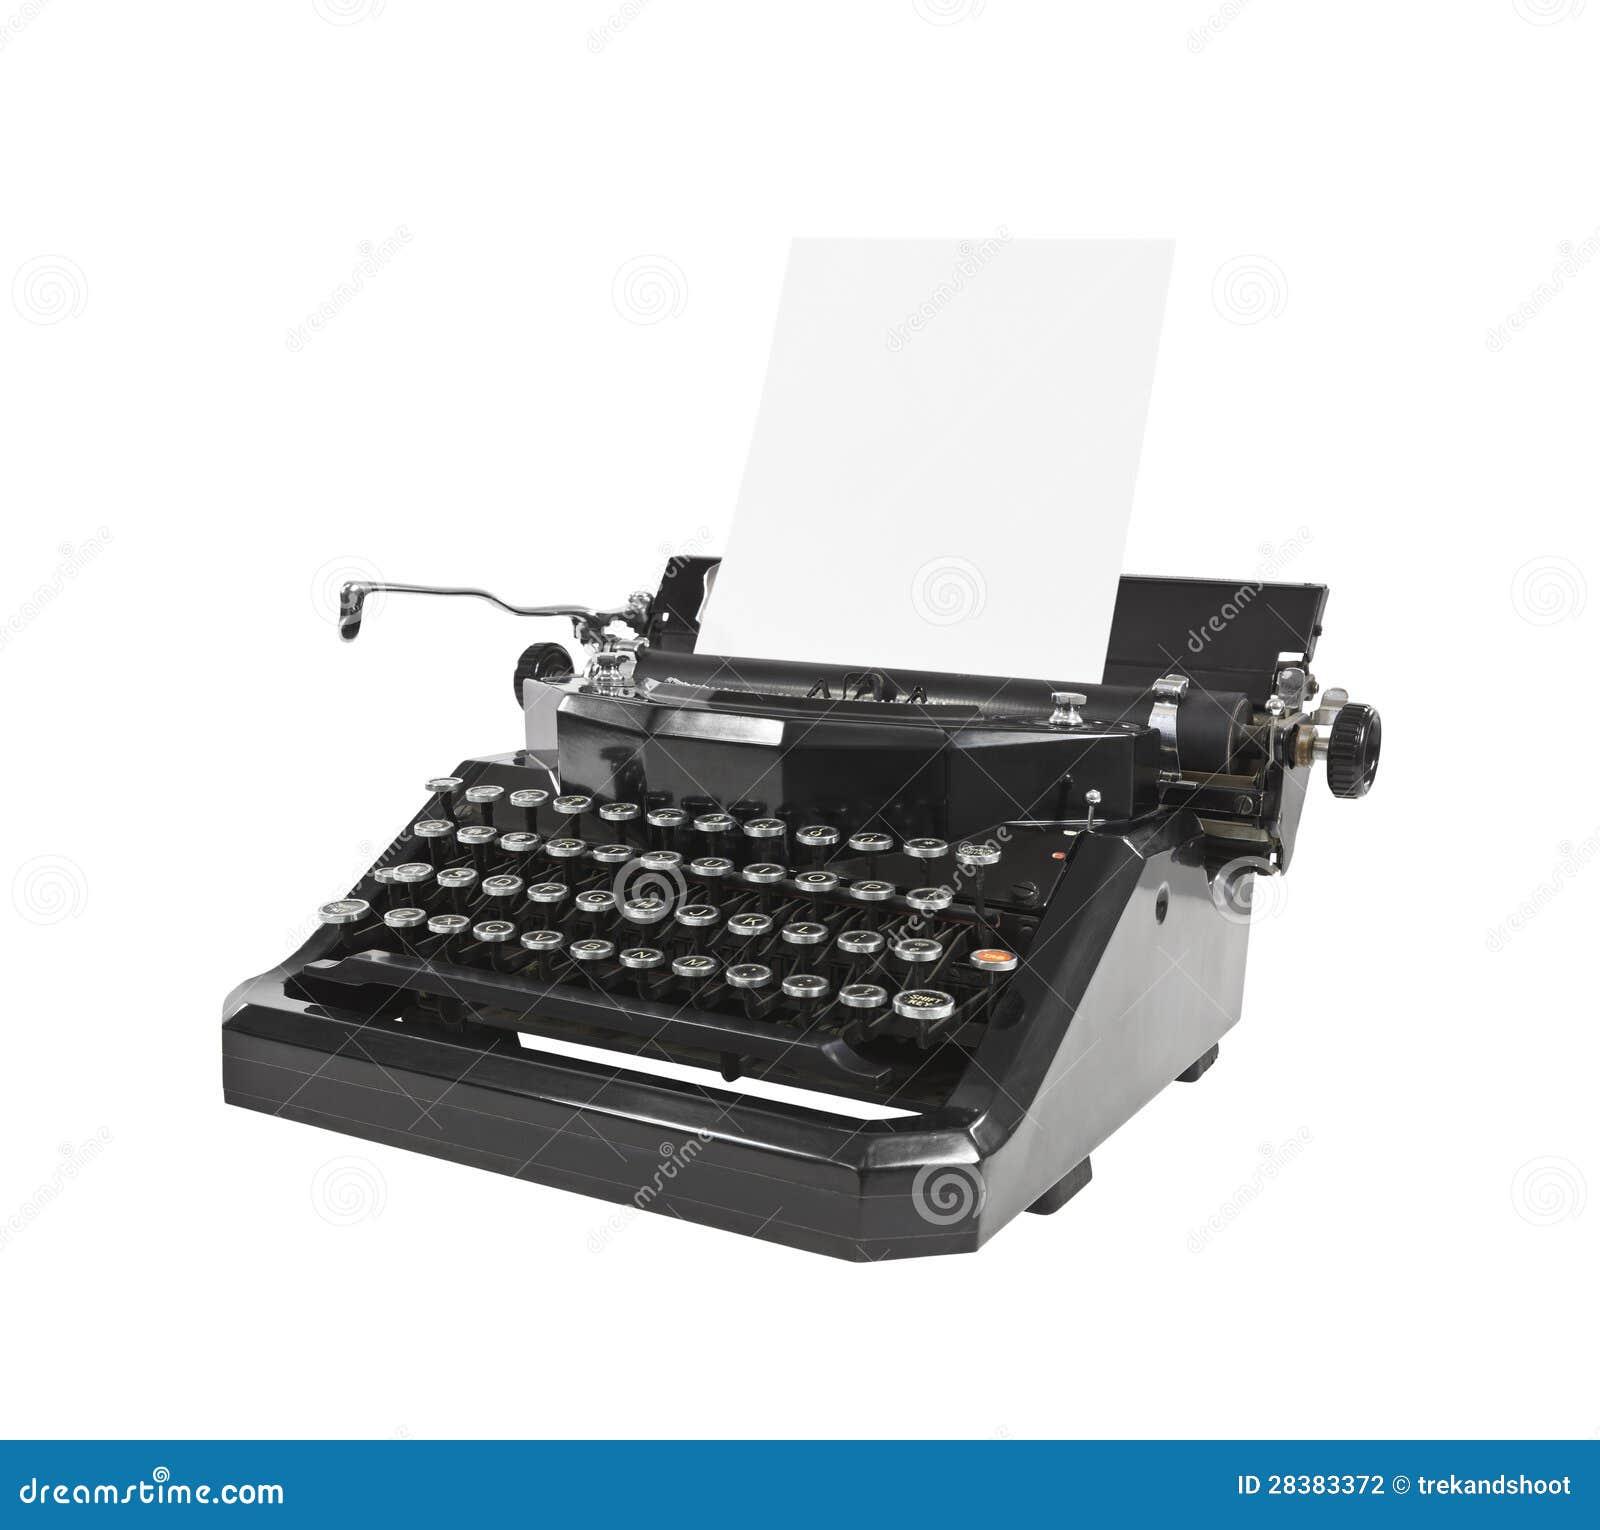 Vintage Black Typewrit... Vintage Typewriter Paper Photography